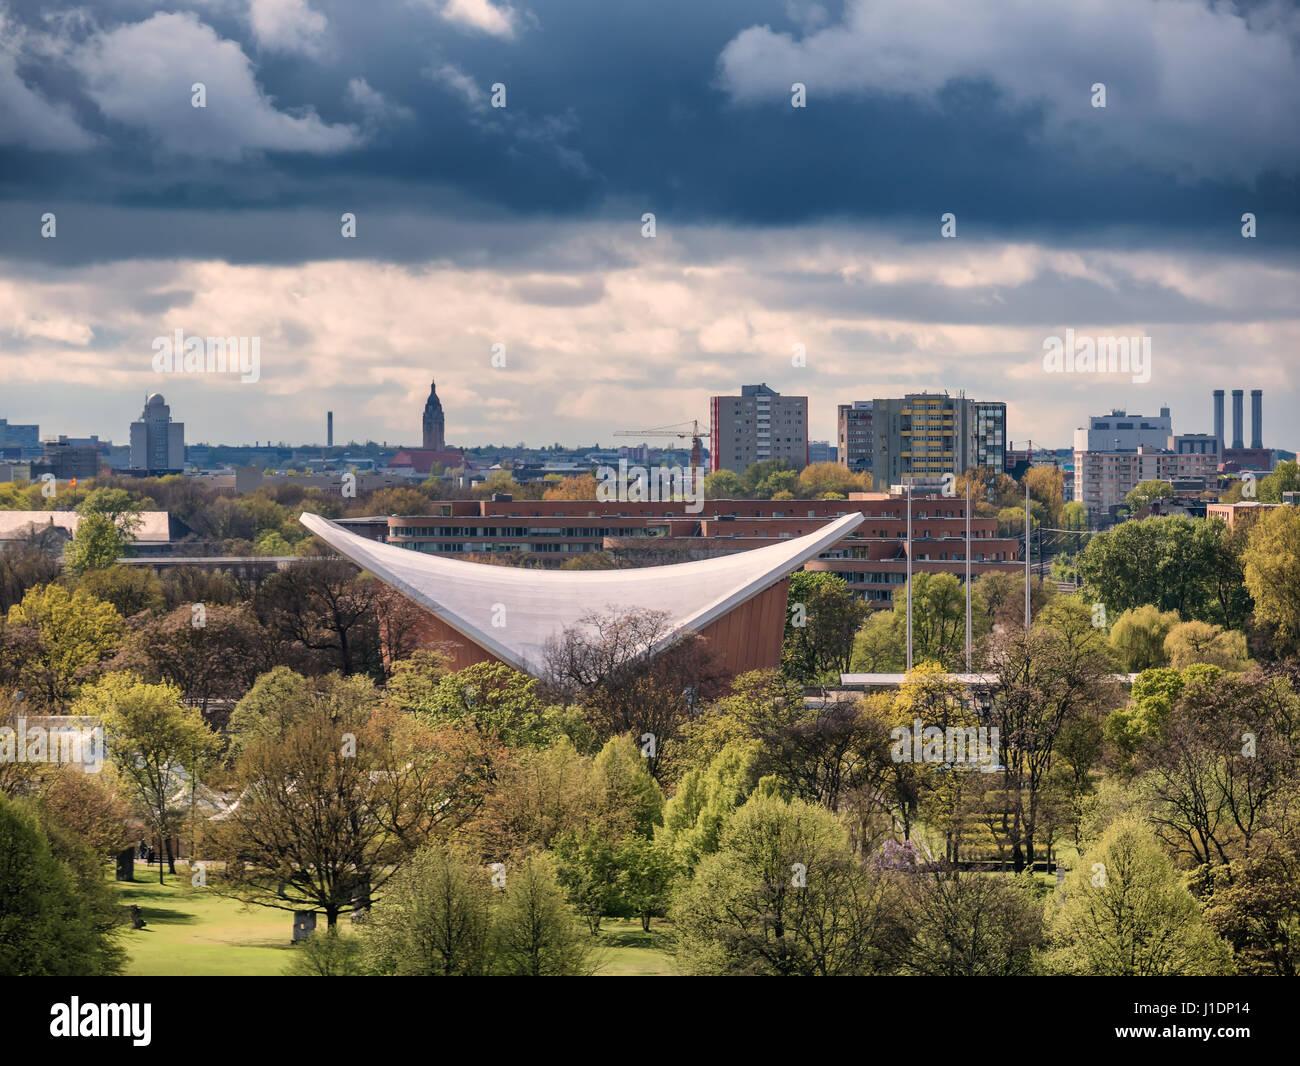 Haus der kulturen in Tiergarten Berlin, Germany - Stock Image